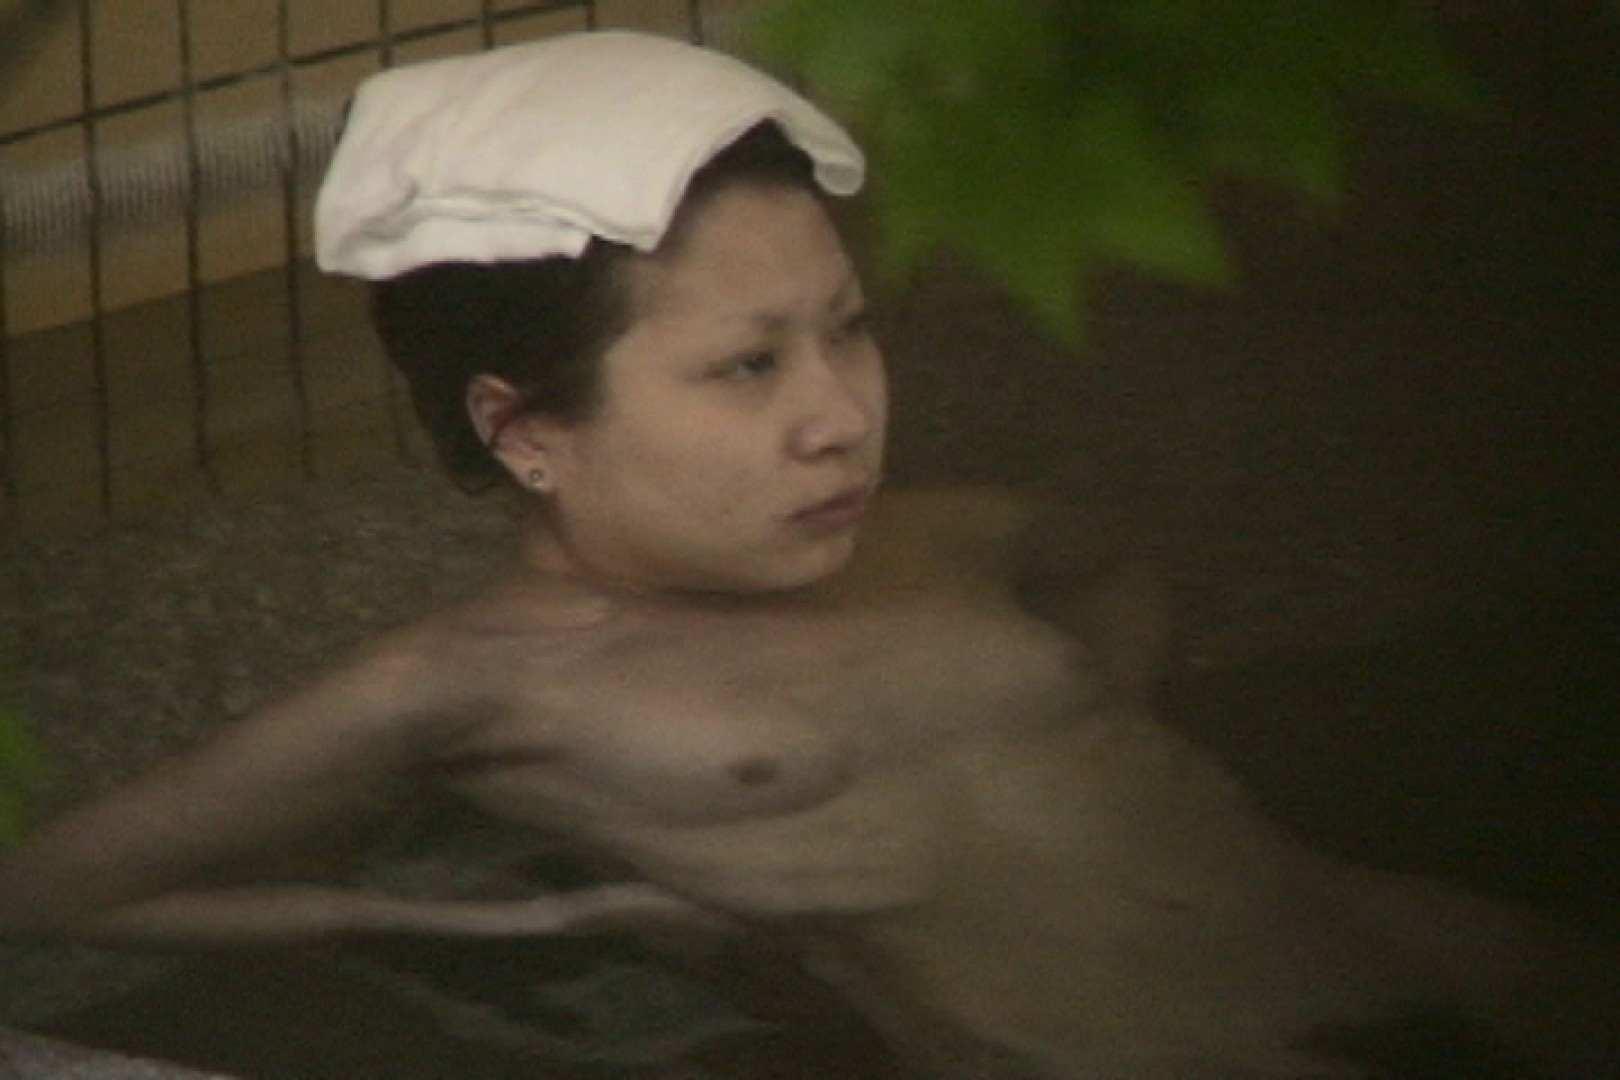 Aquaな露天風呂Vol.711 美しいOLの裸体 | 盗撮師作品  97pic 7